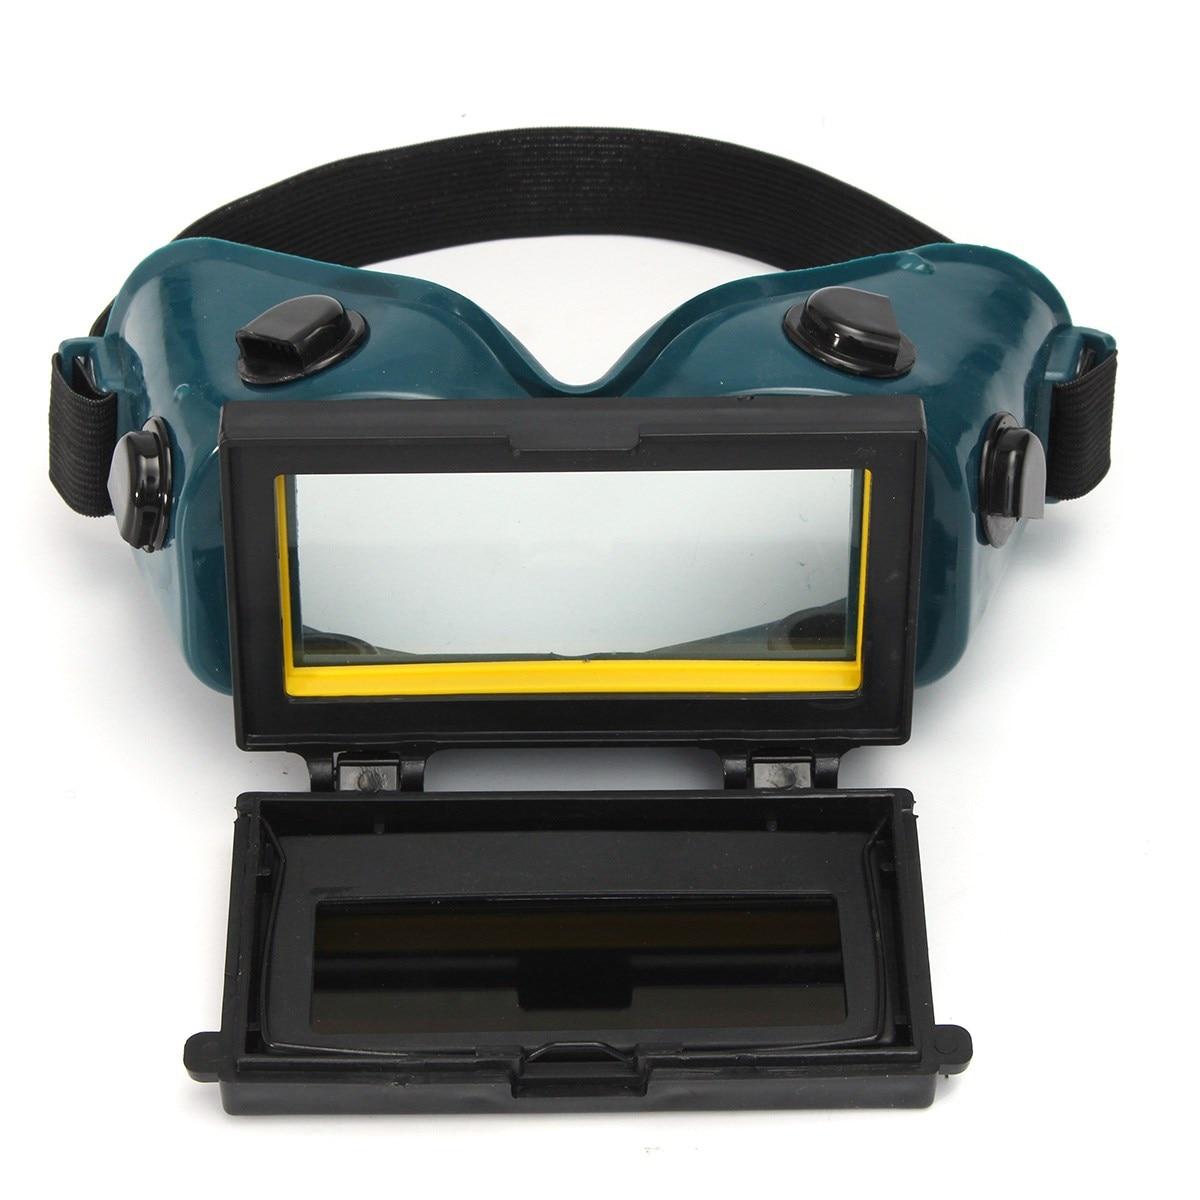 Oscuramento automatico Saldatore Occhi Occhiali di Protezione Occhiali Casco di Saldatura Maschera eyeshade/patch/occhi occhiali di protezione